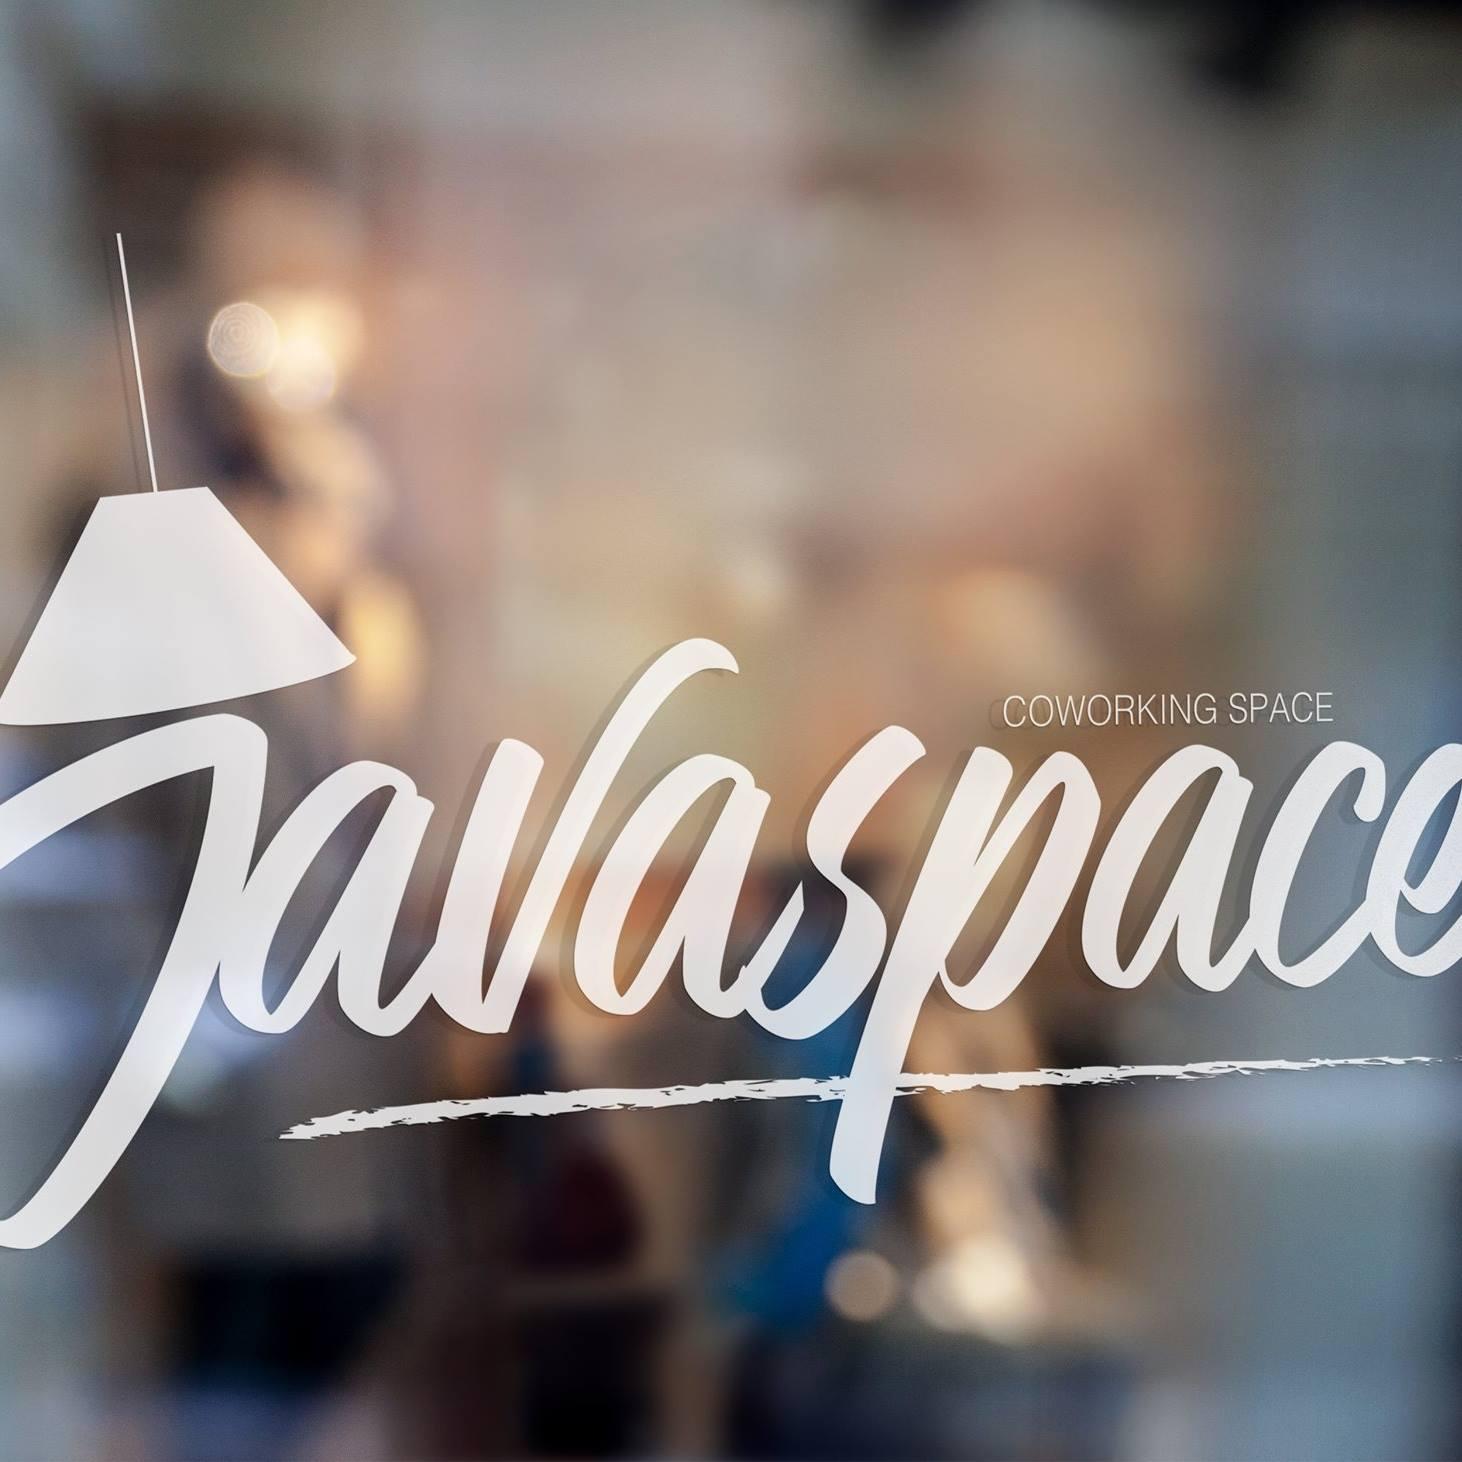 Javaspace Coworking Space, Kerja Senyaman Rumah Fasilitas Selengkap Kantor, Mau?